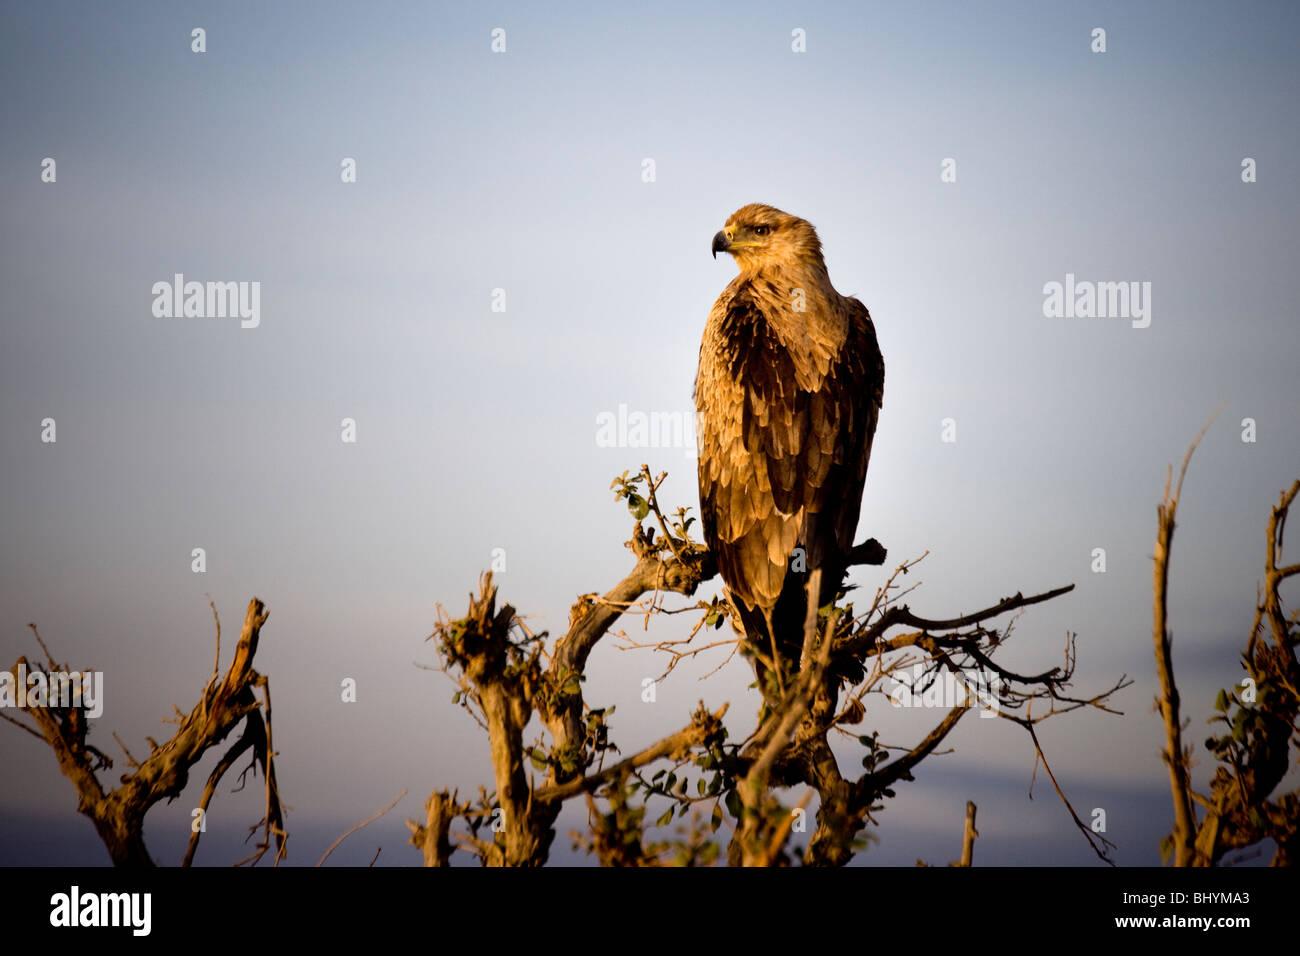 Tawny Eagle, Tarangire NP, Tanzania, East Africa - Stock Image